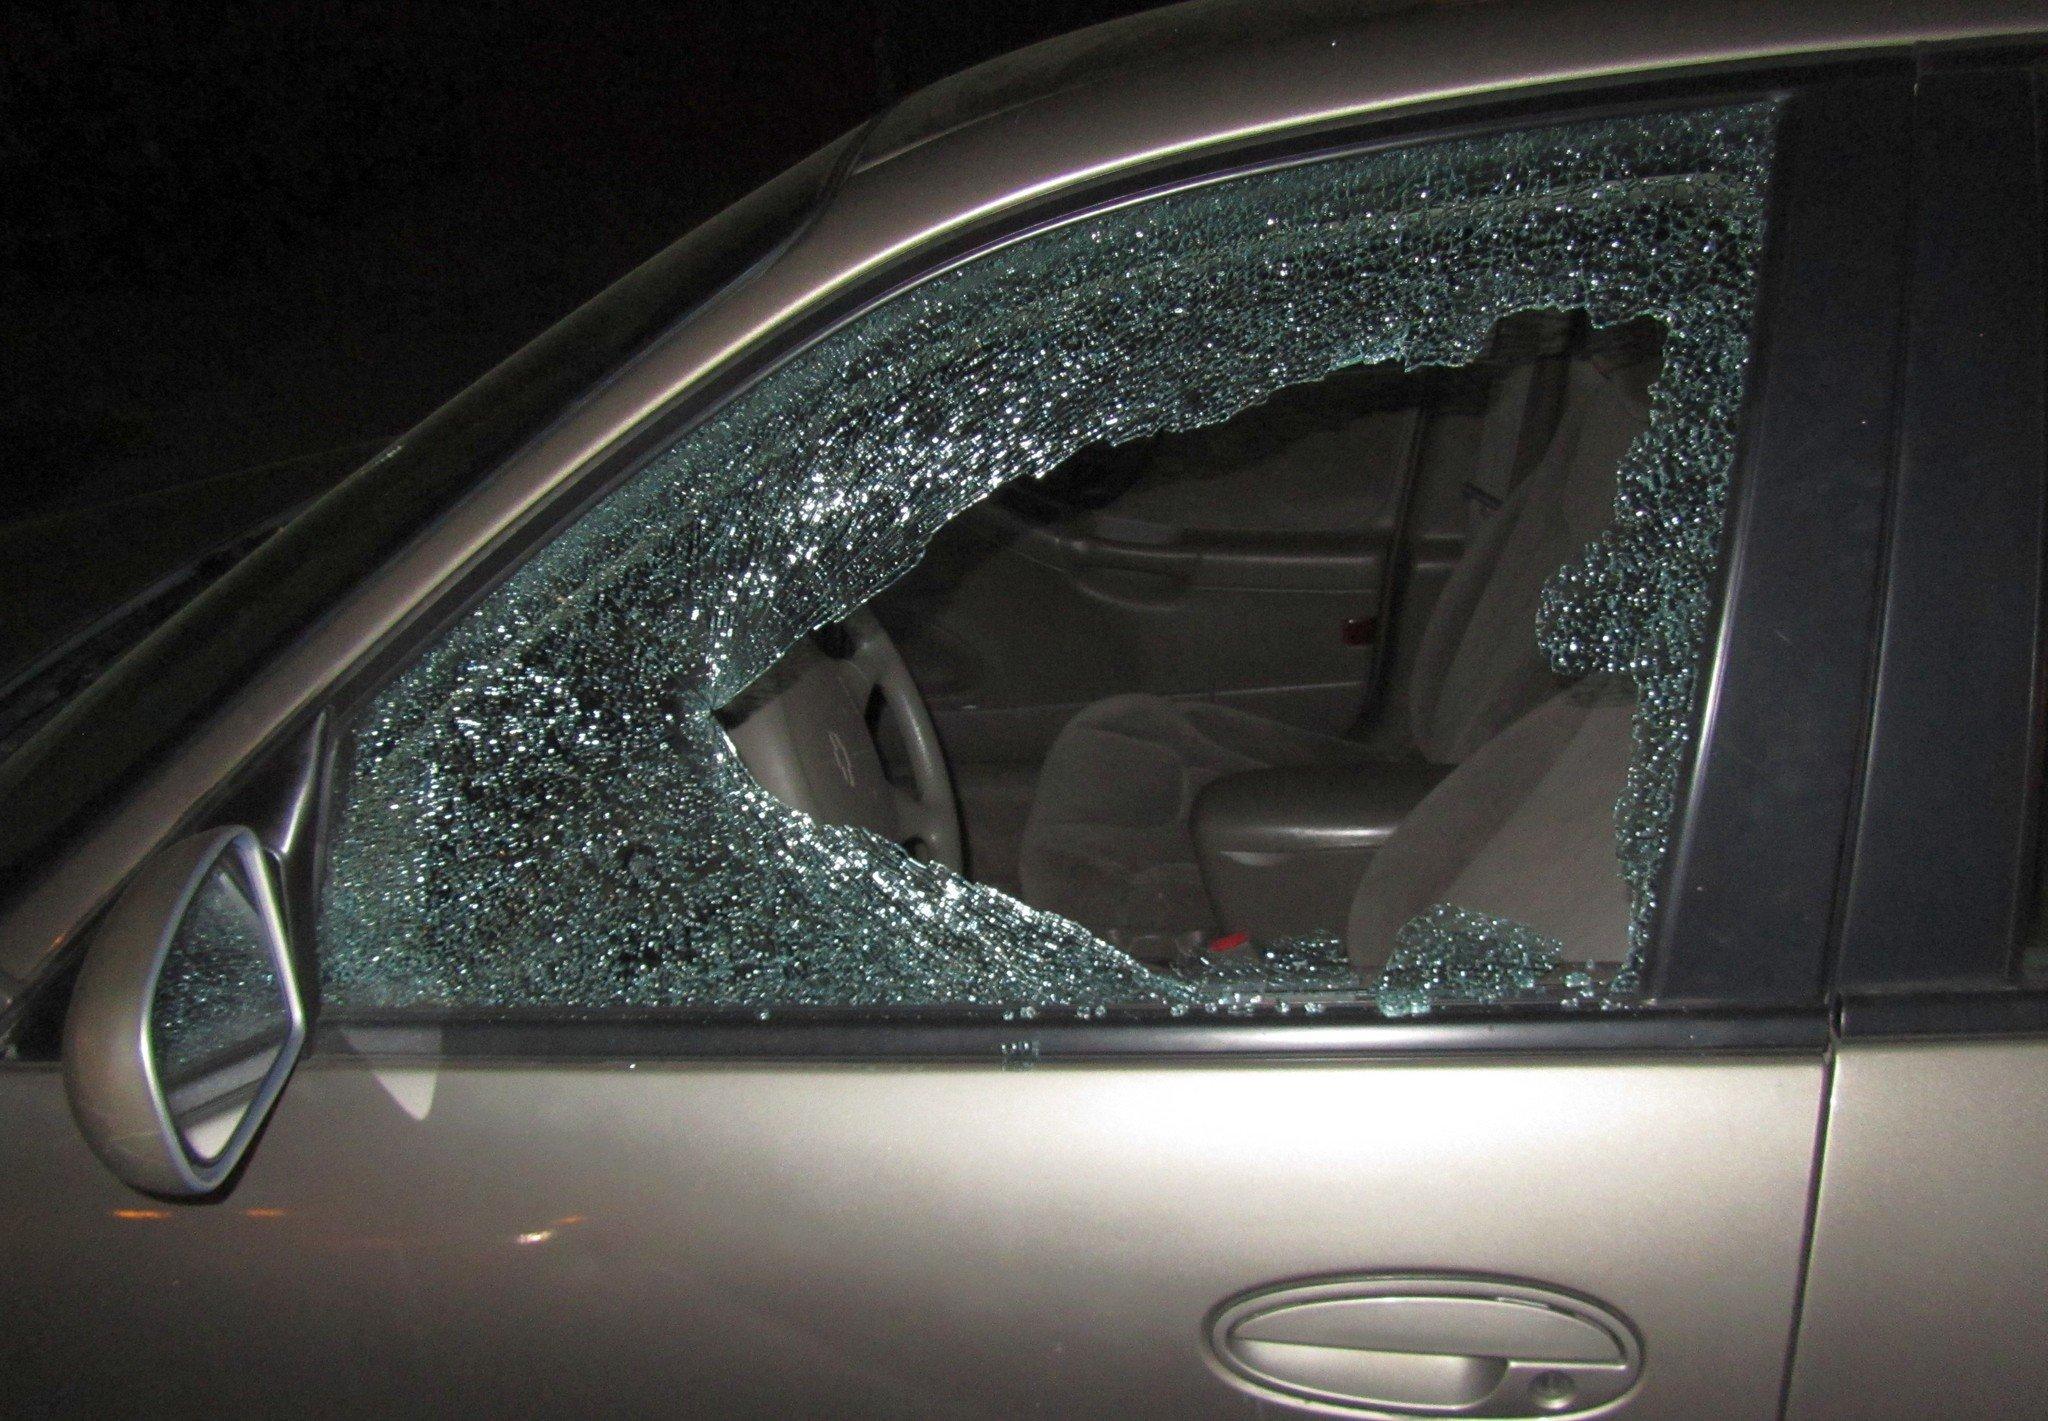 Αποτέλεσμα εικόνας για broken car window